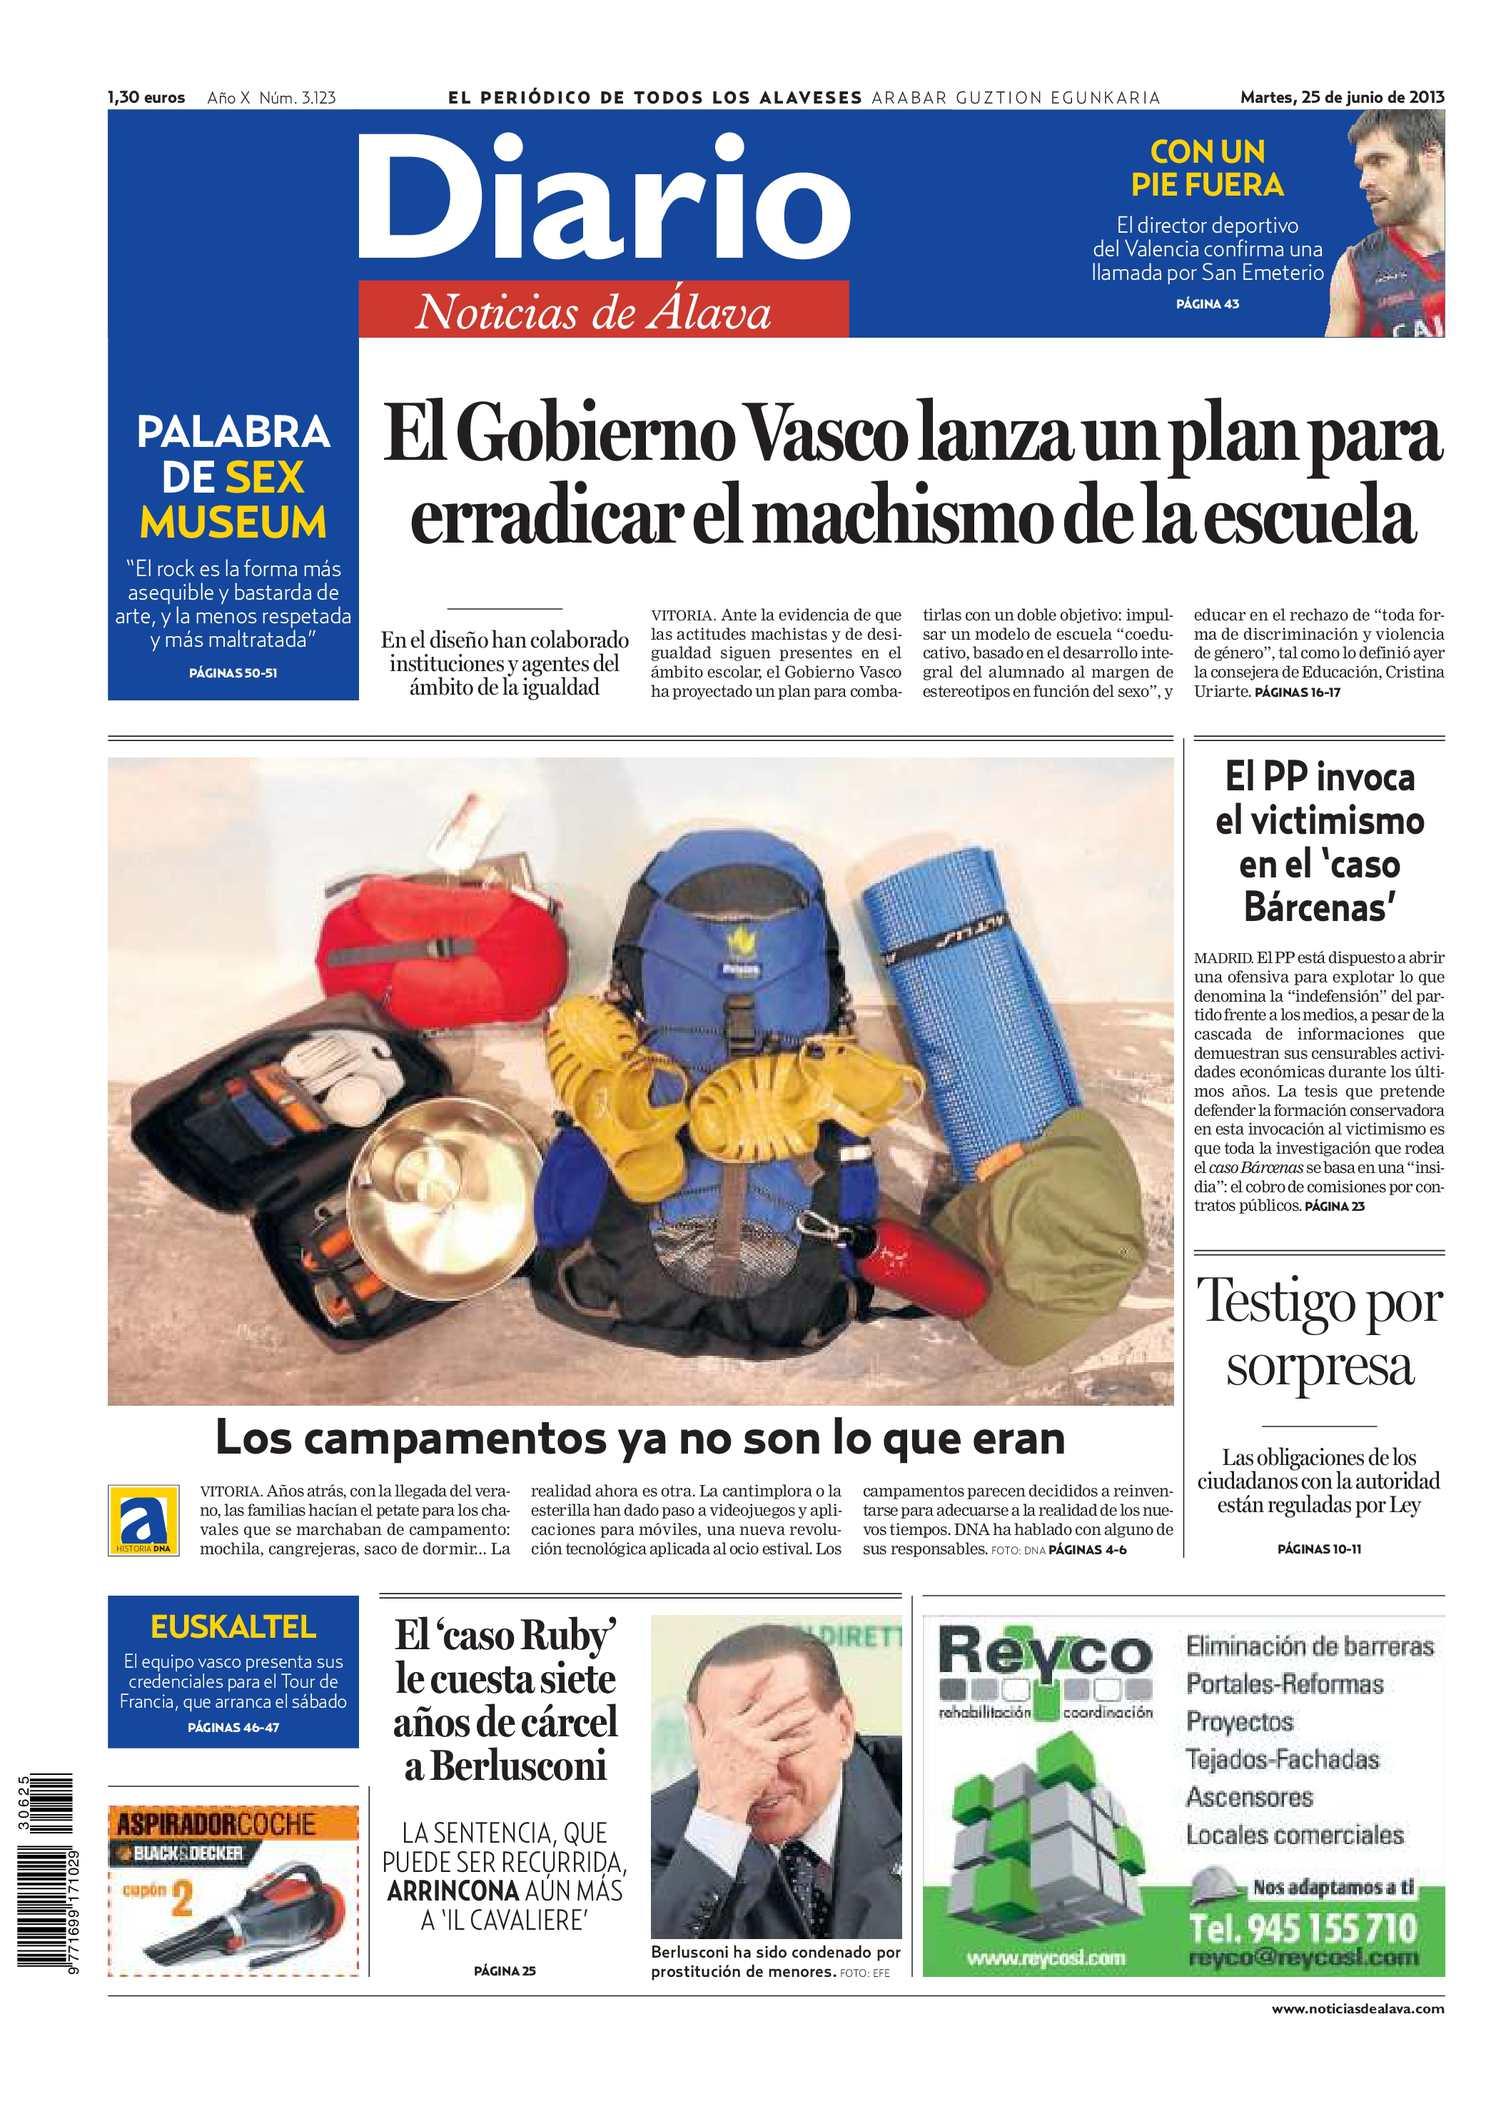 Calaméo - Diario de Noticias de Álava 20130625